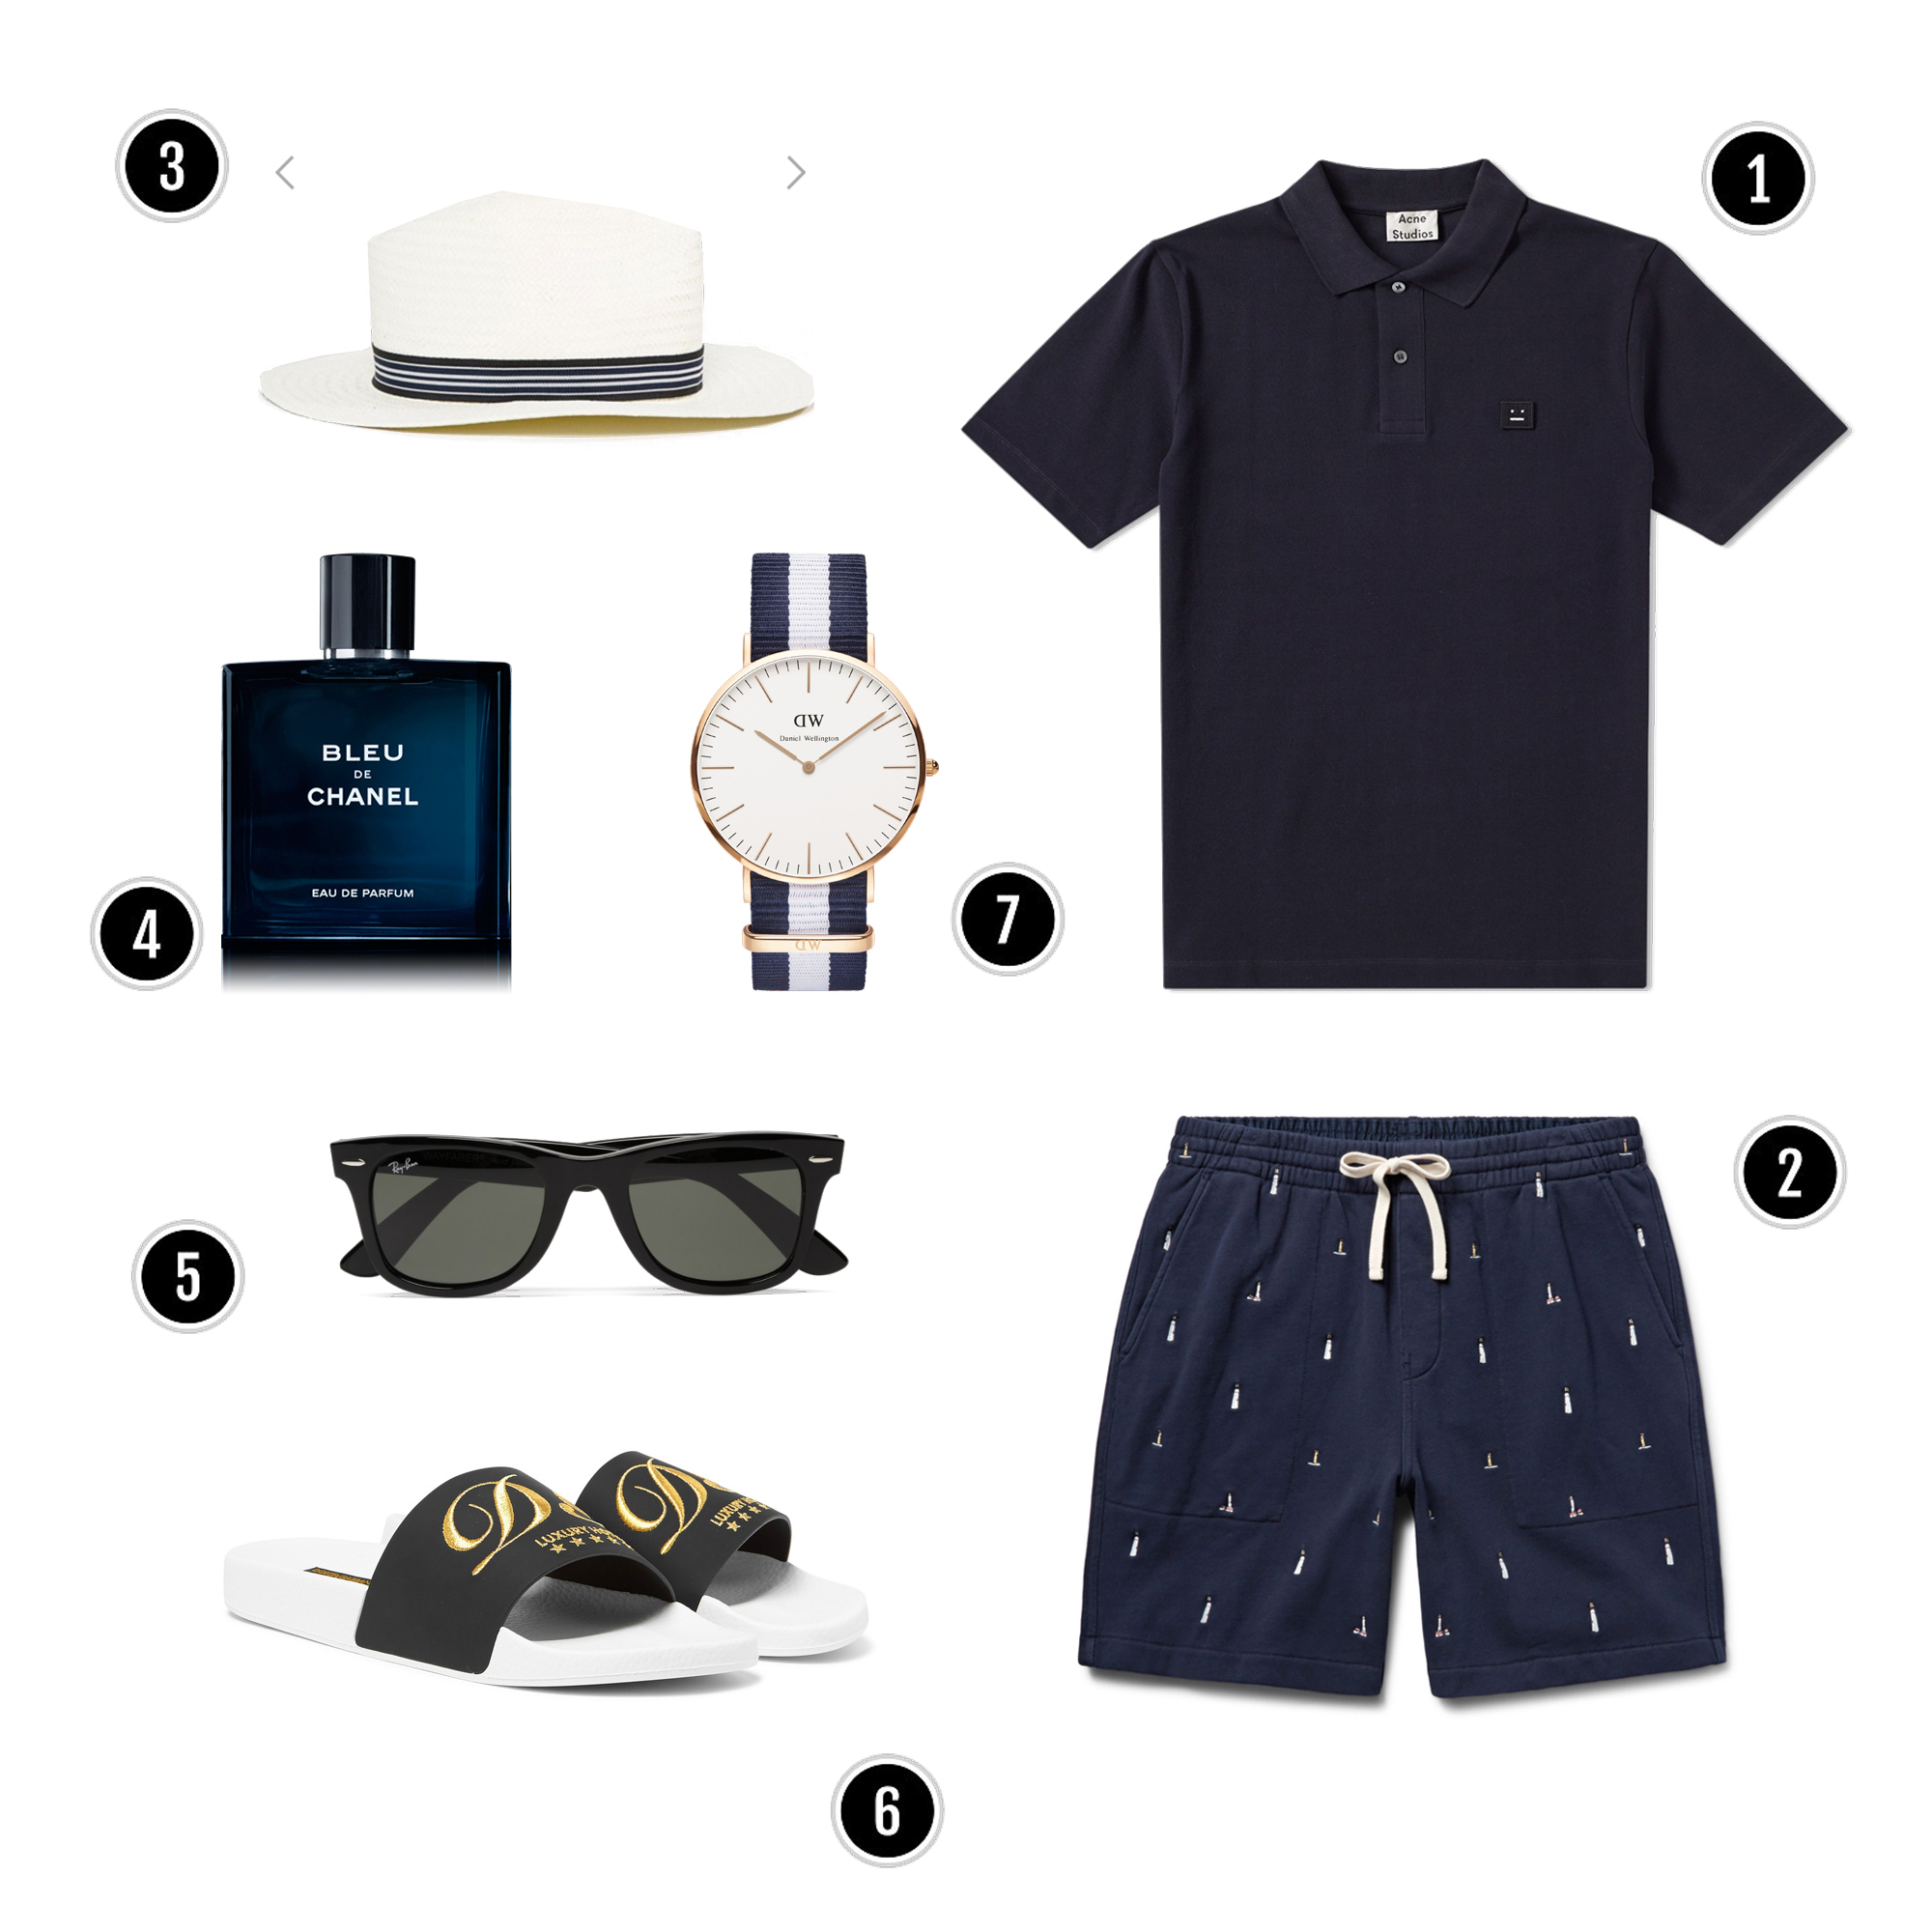 1, Áo: Acne / 2, Quần shorts : J.crew / 3, Mũ : Asos / 4, Nước hoa : Chanel/ 5,Kính: Rayban/ 6, Slipers: D&G / 7, Đồng hồ : DW